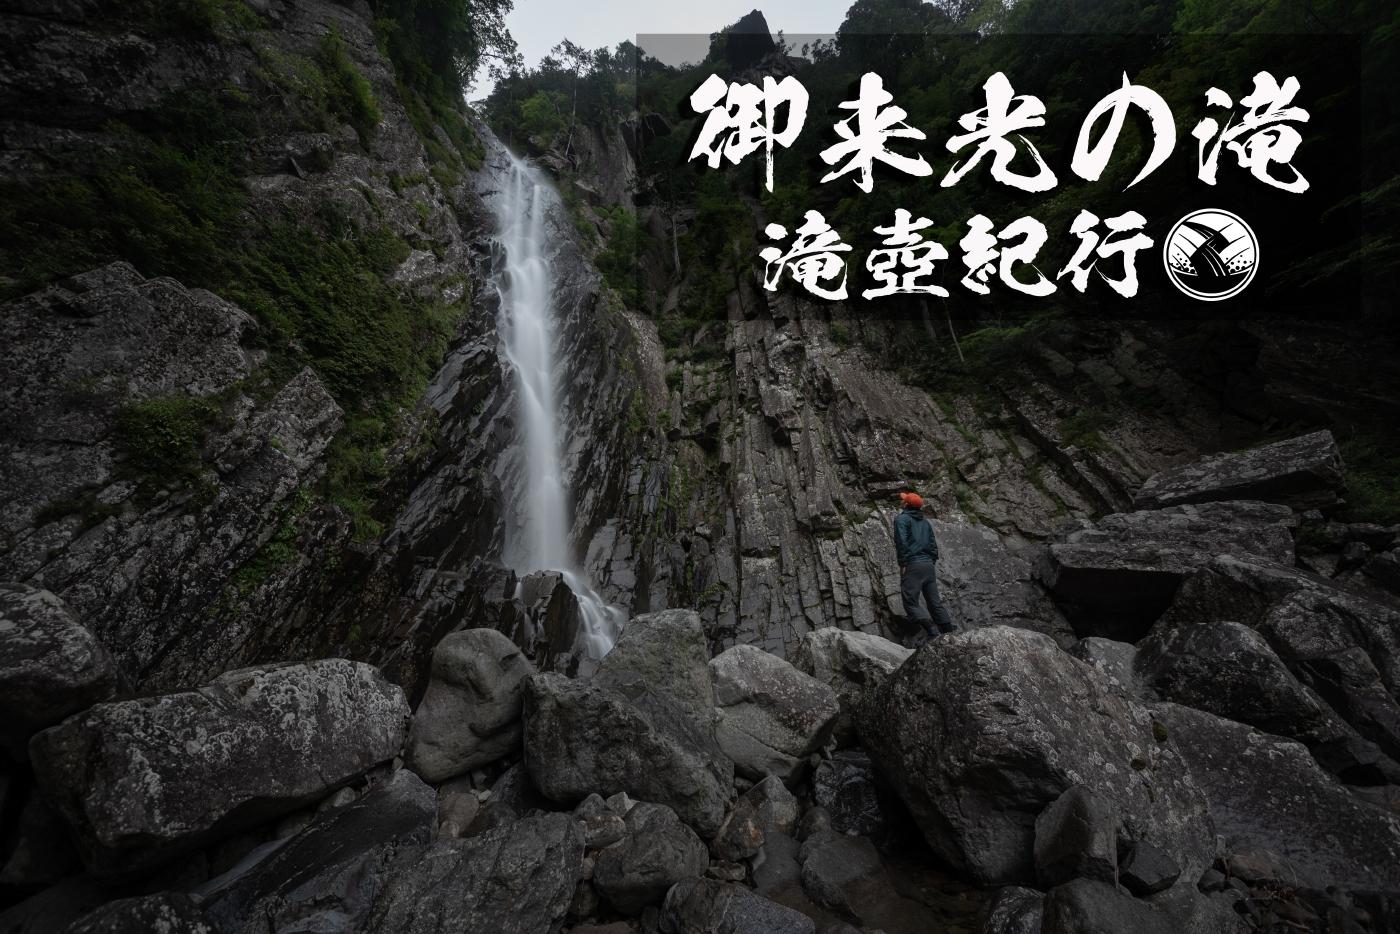 御来光の滝と面河川 ~愛媛県・久万高原町~